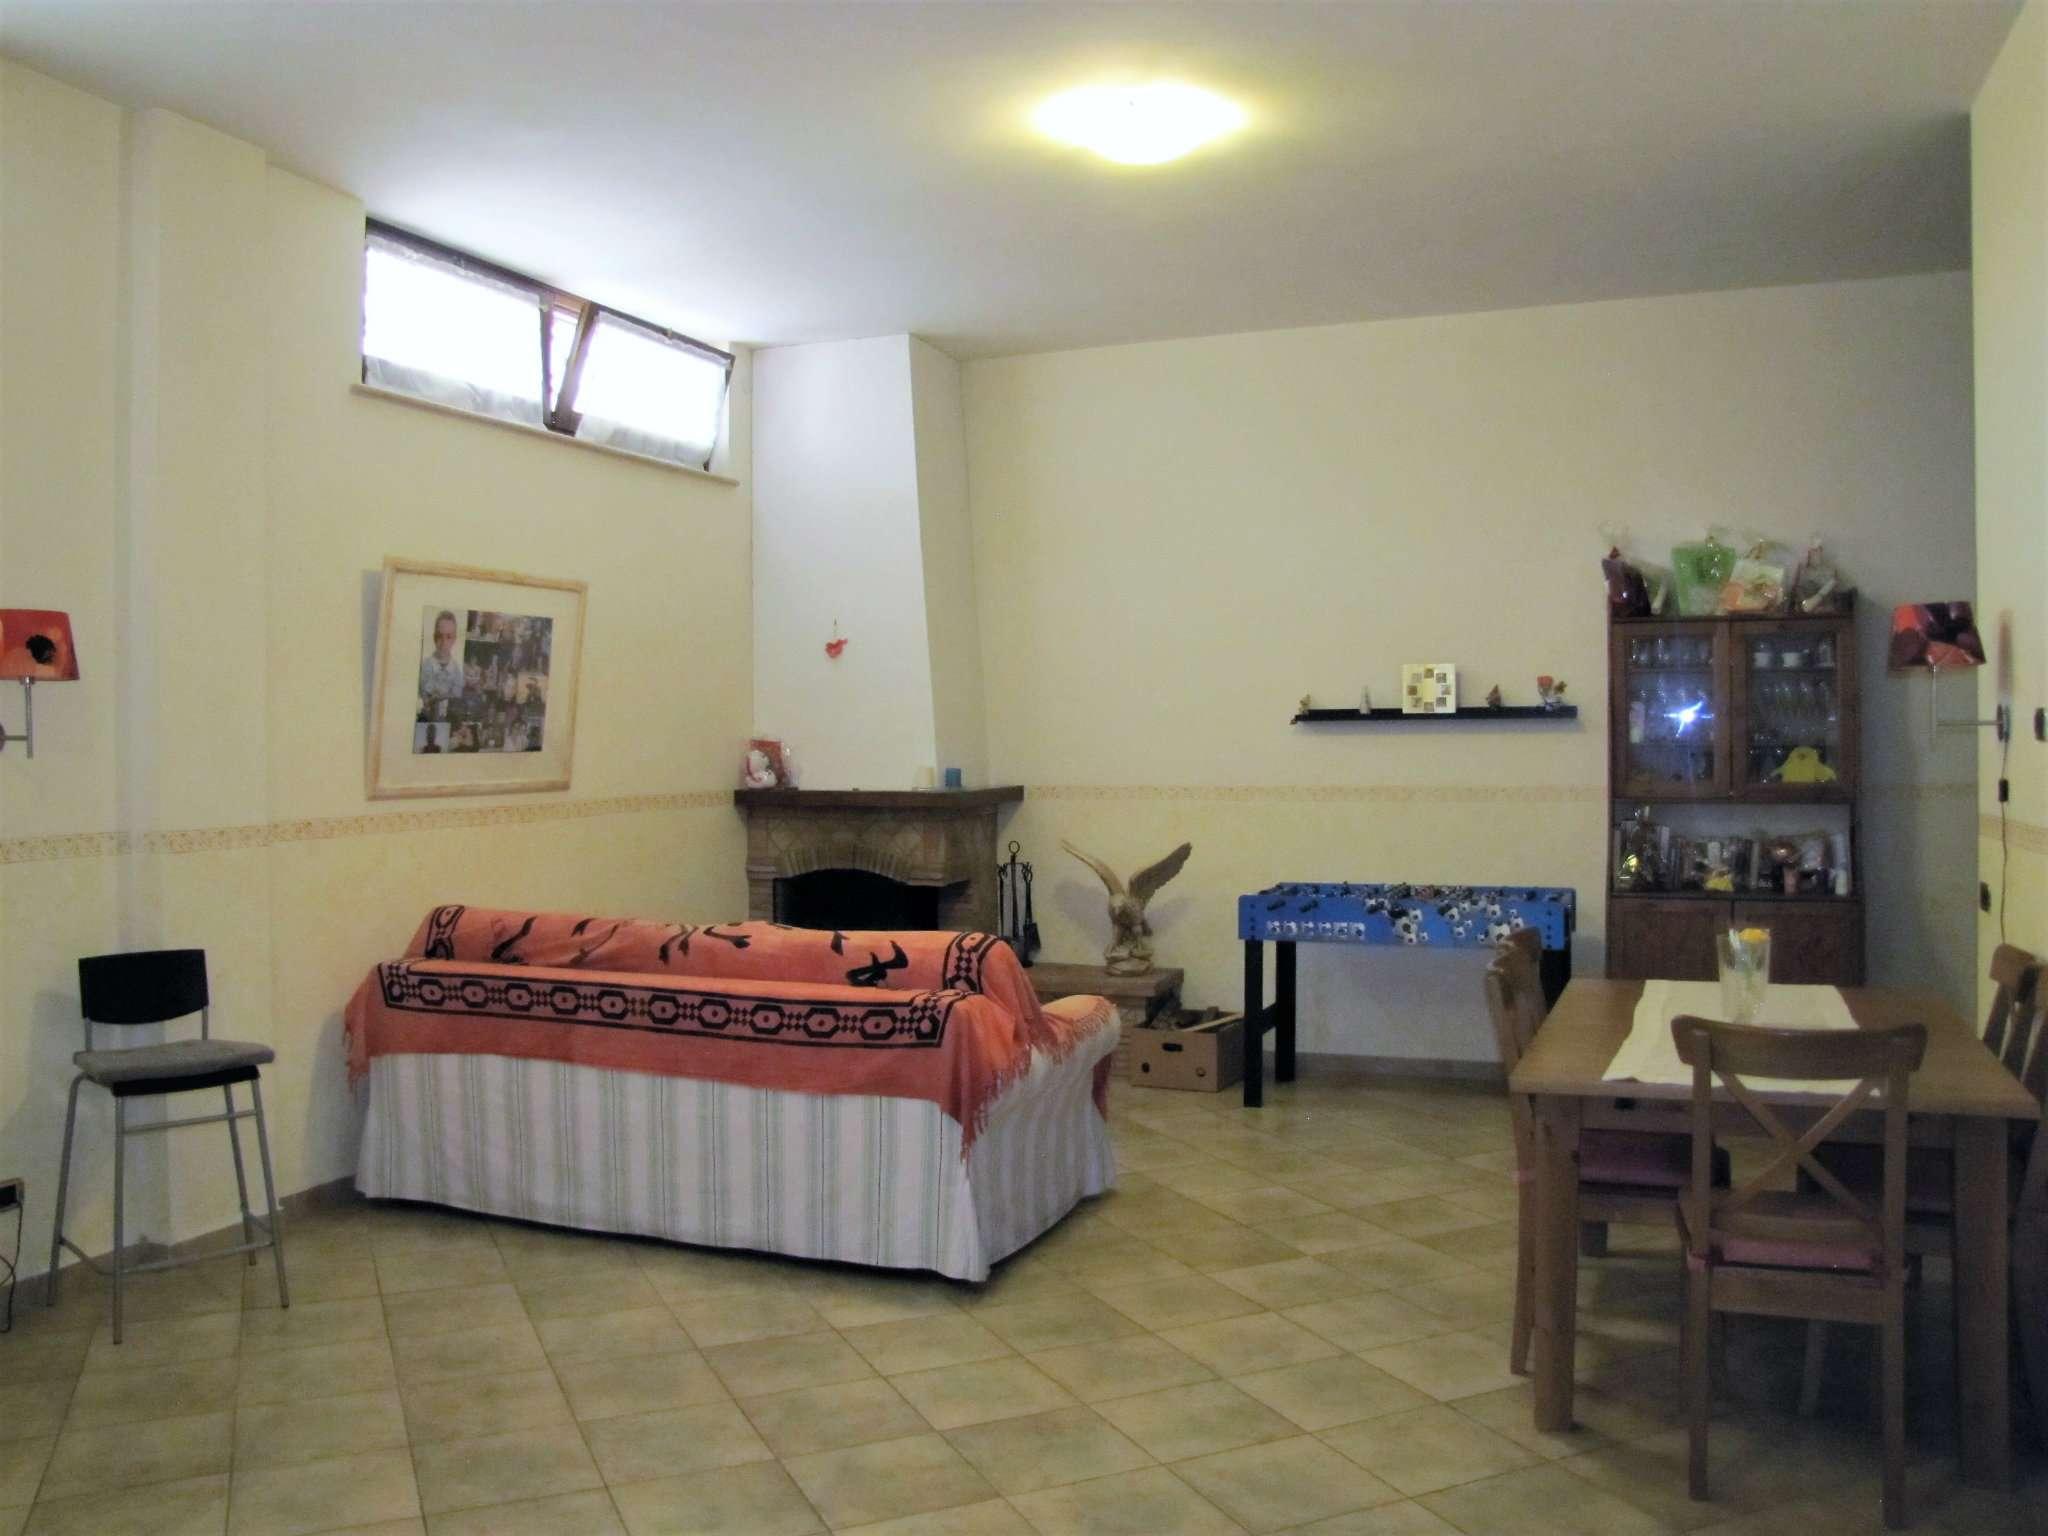 Foto 11 di Villa a Schiera via MITTA 6, Roma (zona Finocchio - Torre Gaia - Tor Vergata)